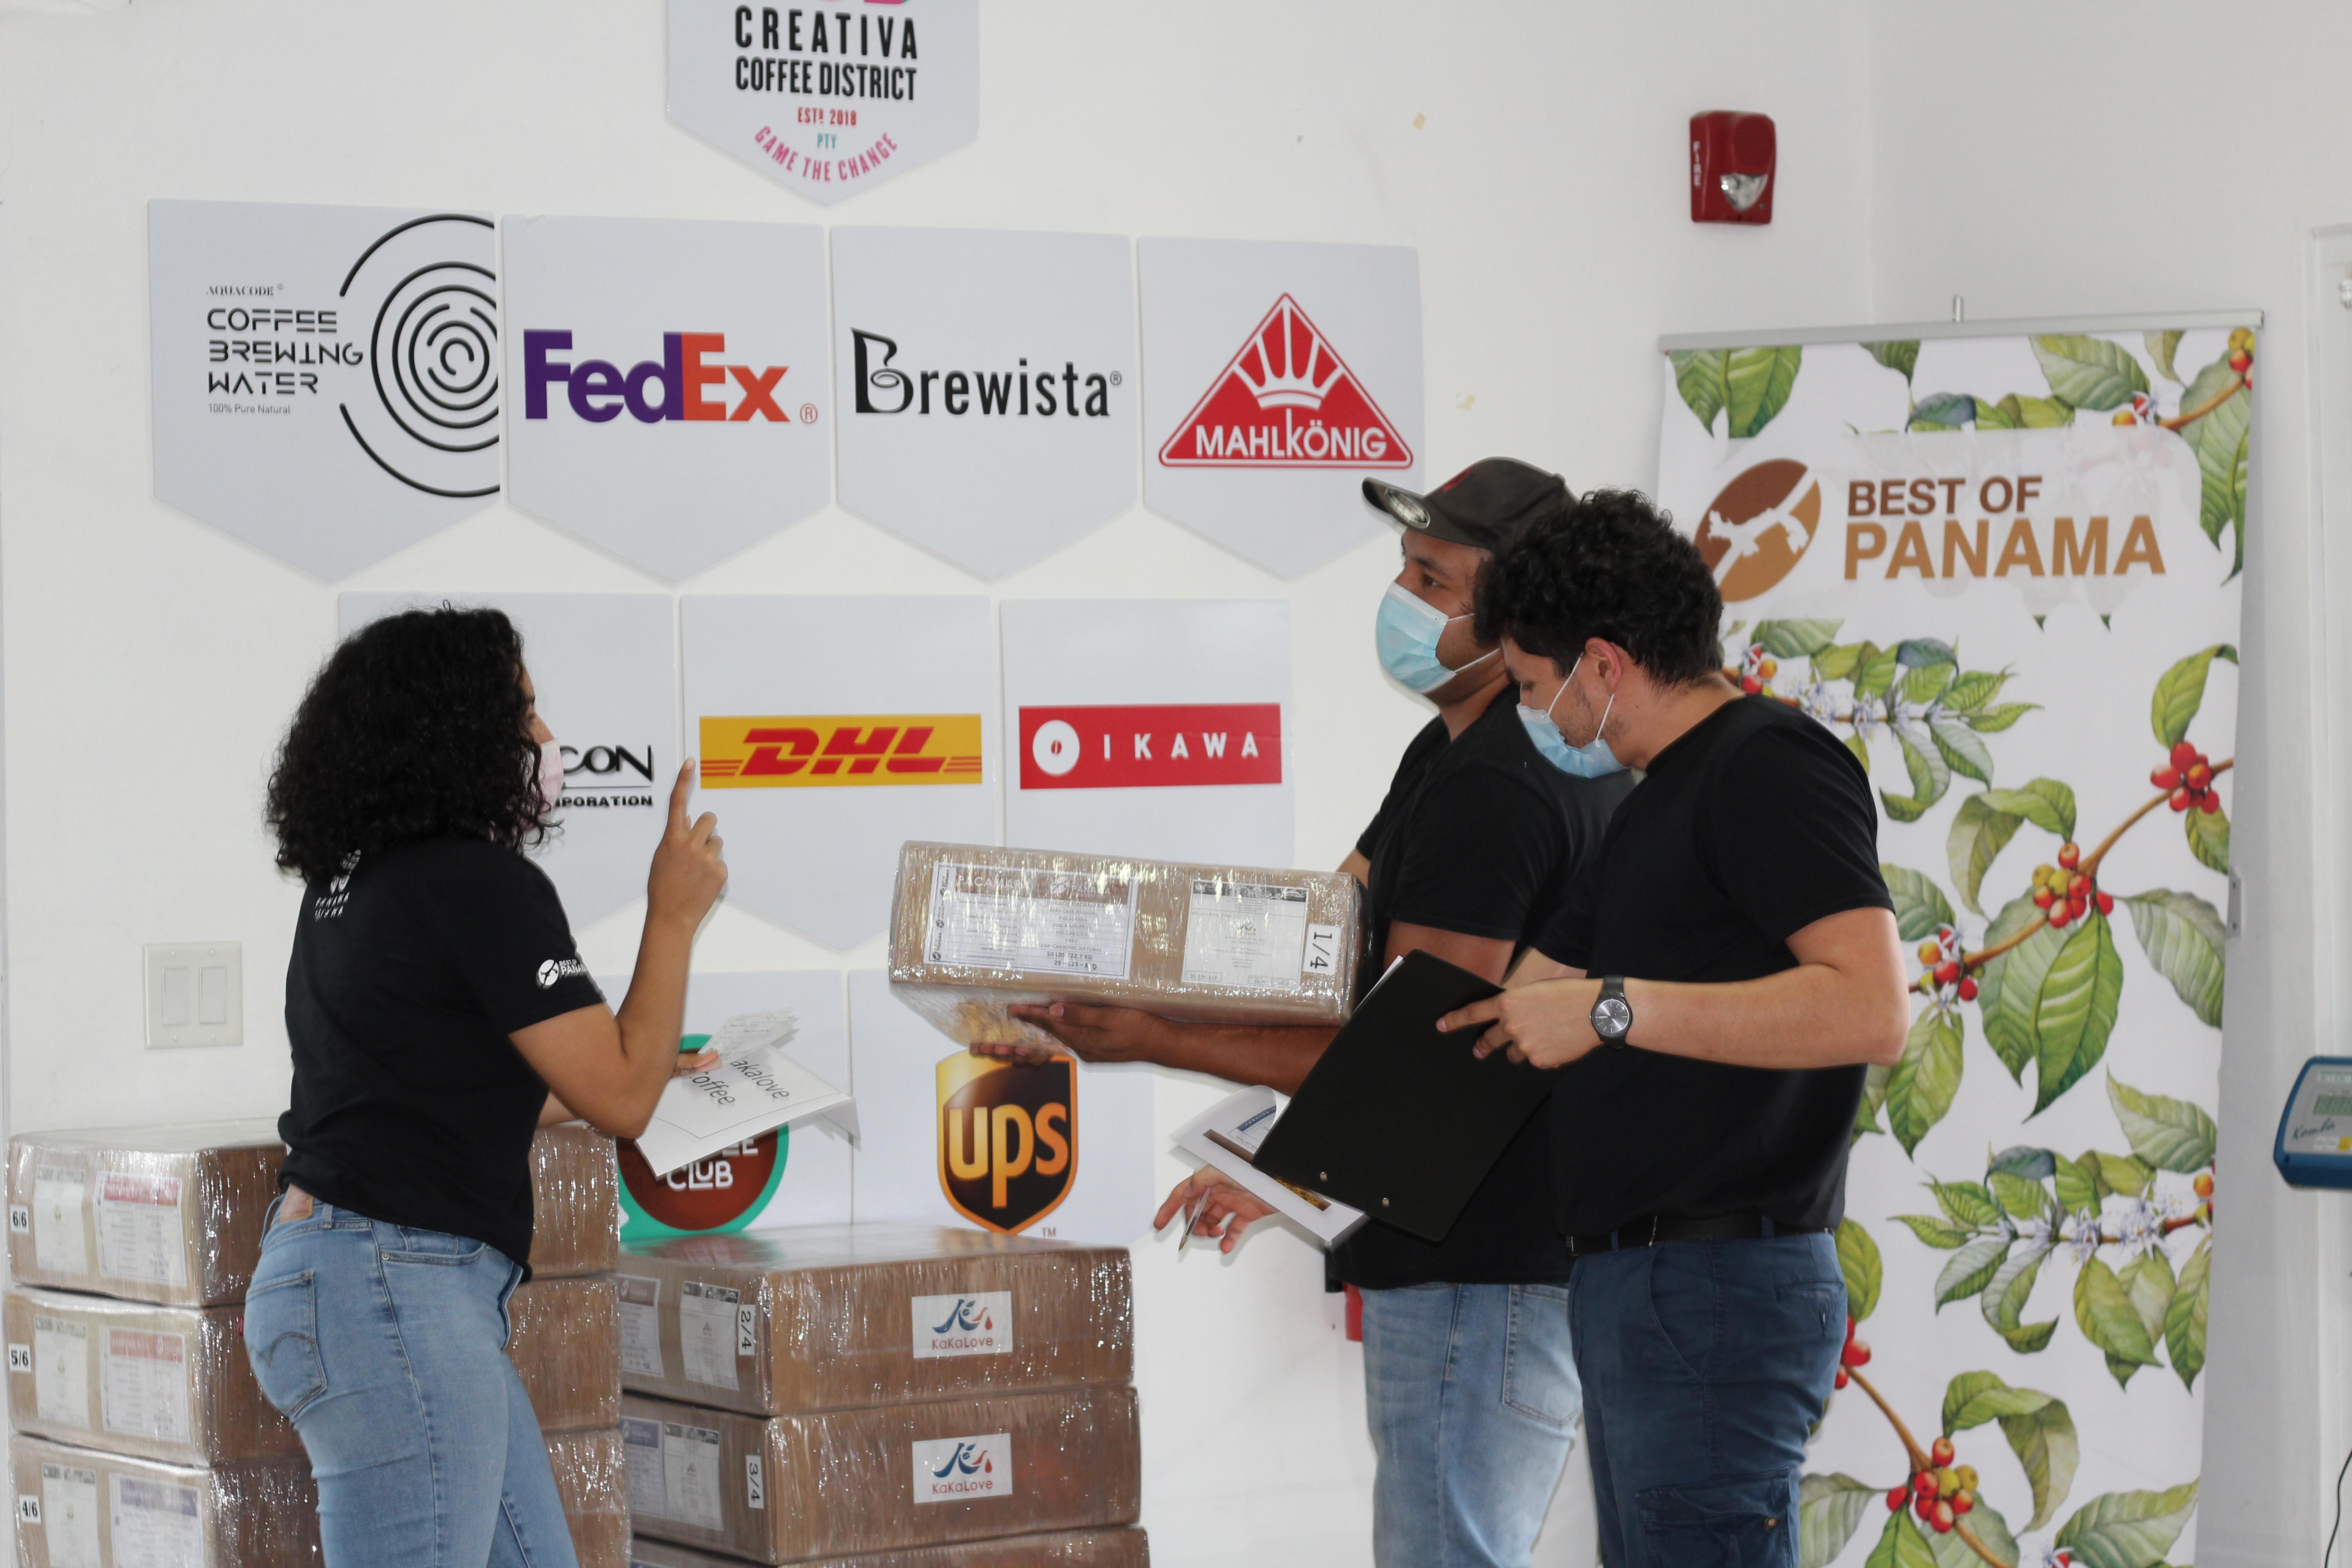 PANAMÁ EXPORTA 5 MIL LIBRAS DE SU MEJOR CAFÉ VENDIDAS EN SUBASTA ELECTRÓNICA